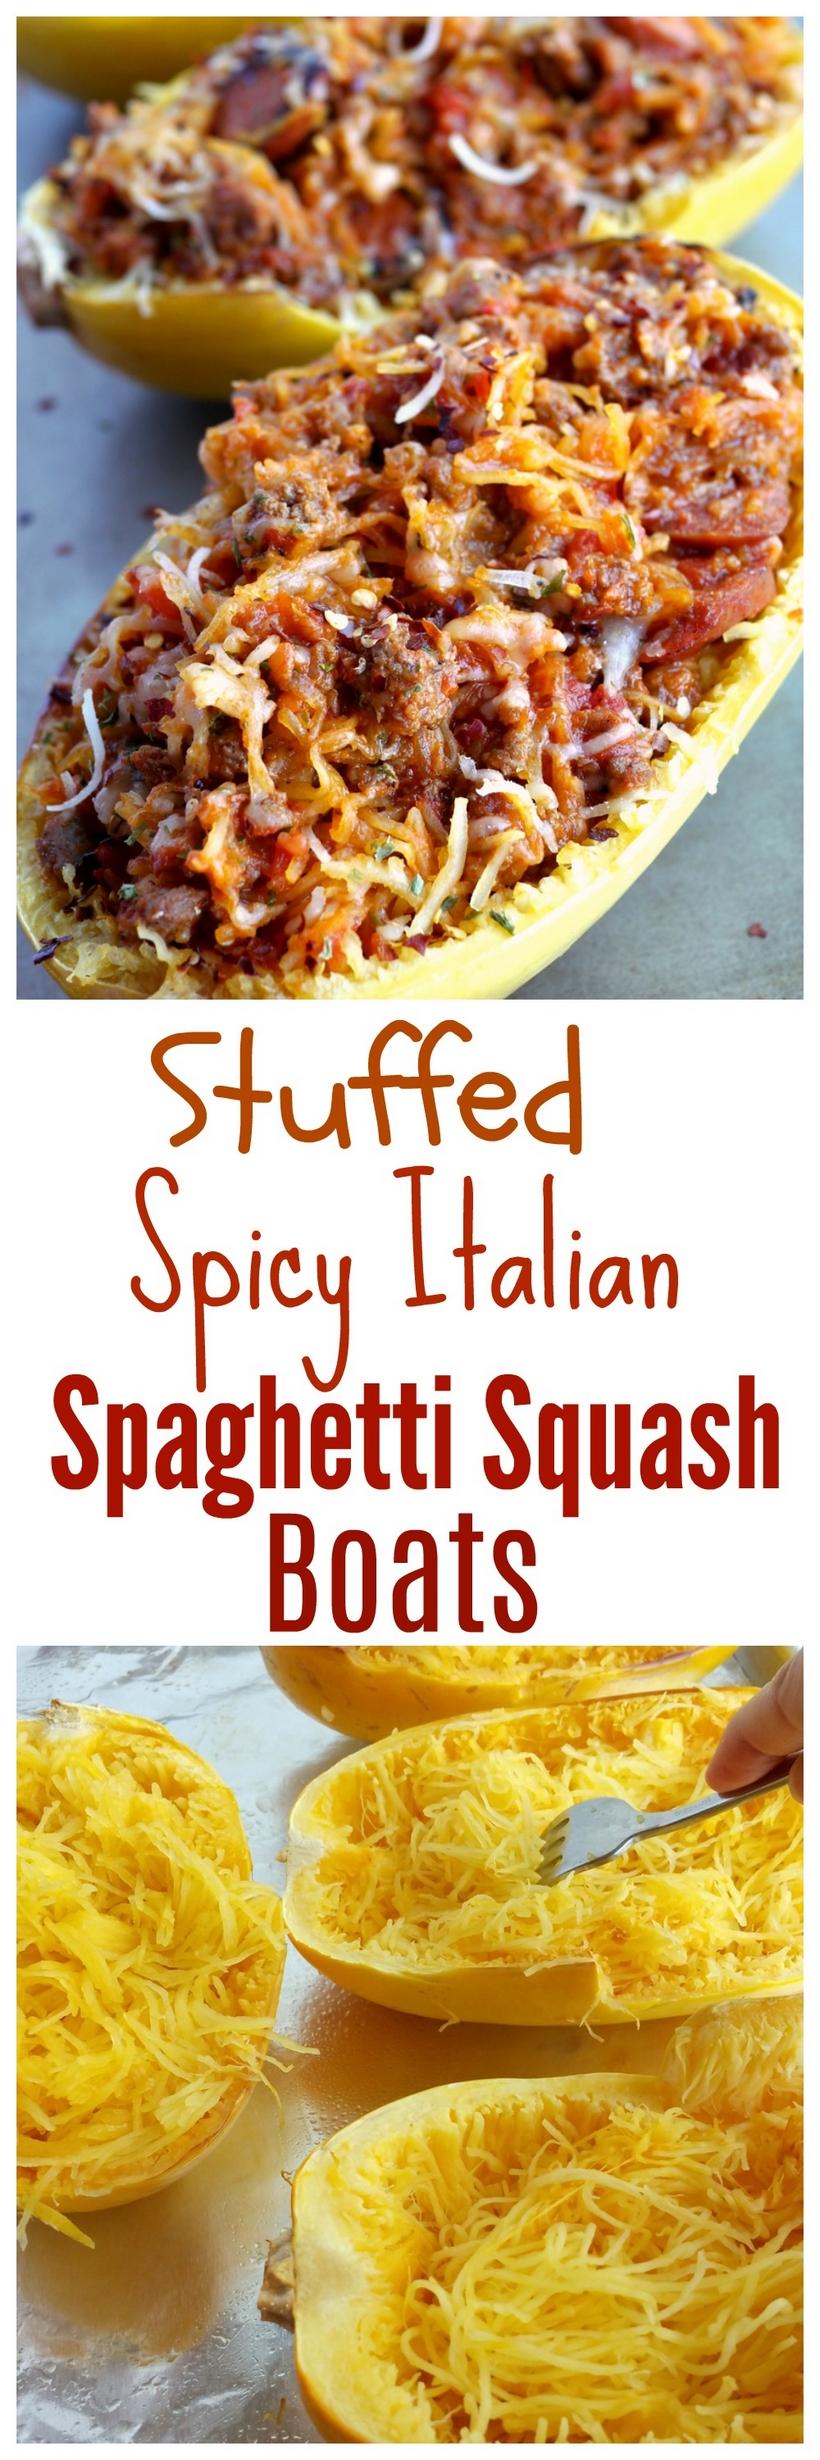 Spicy Chicken Spaghetti and Red Gold's New Sriracha ...  |Spicy Italian Spaghetti